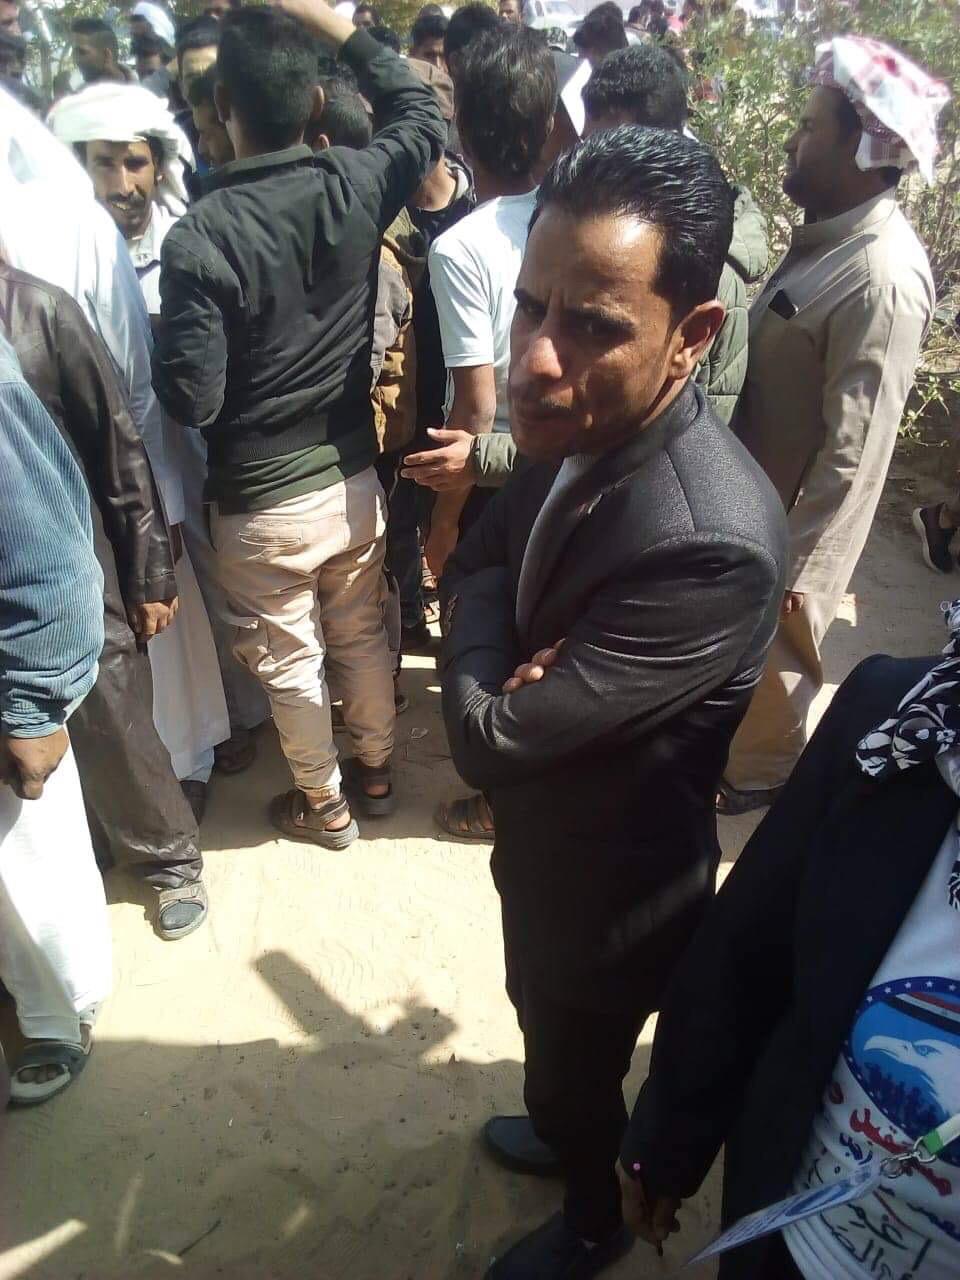 أهالى شمال سيناء المقيمين فى الإسماعيلية يصطفون بكثافة ويشاركون فى الاستفتاء (2)